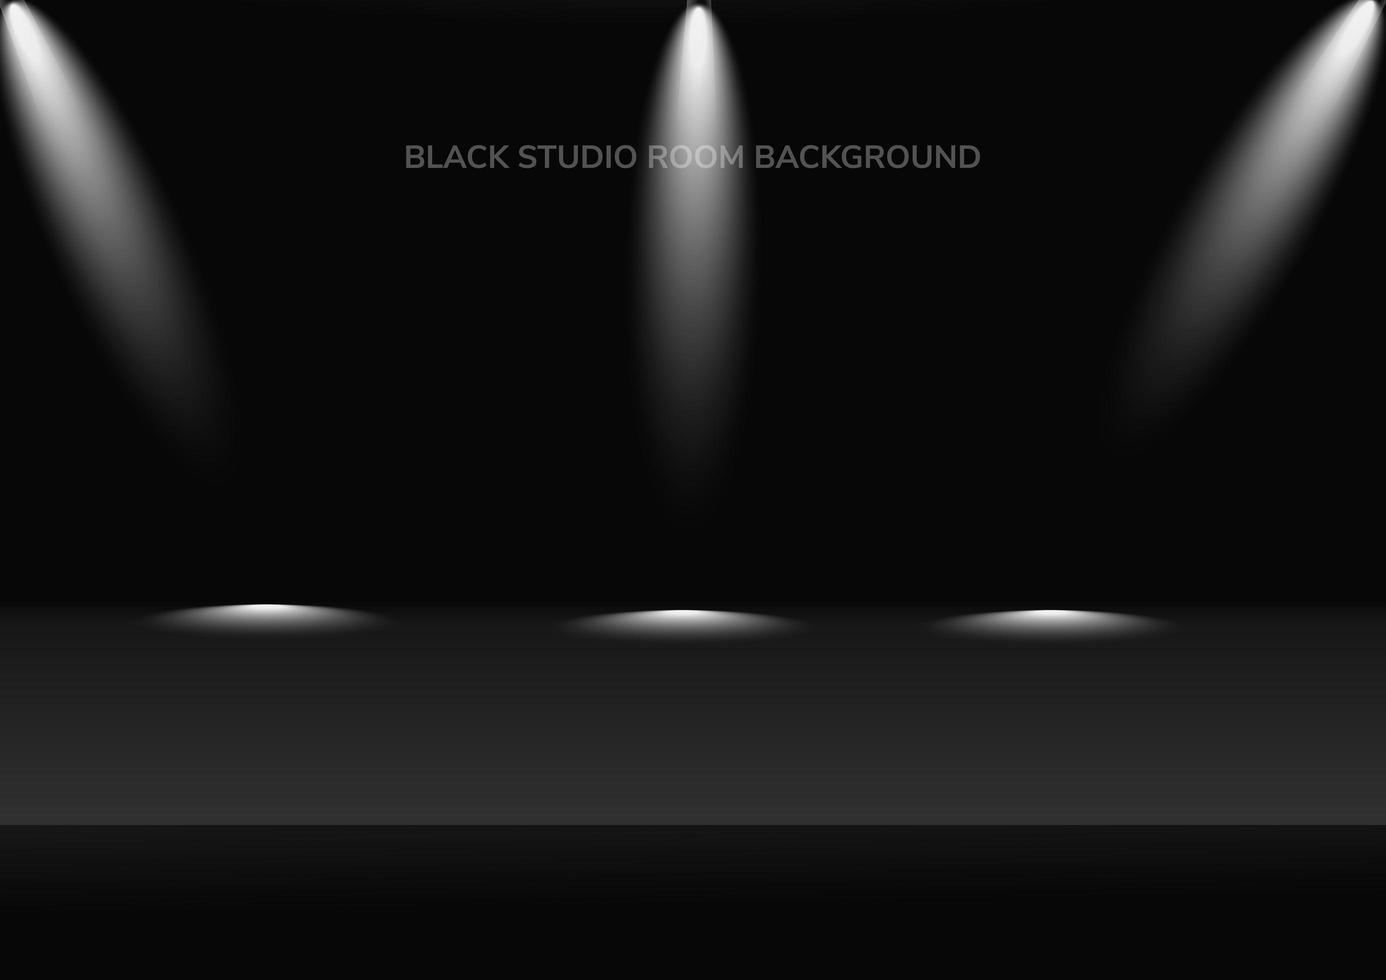 sfondo scuro camera studio con sfondo di riflettori vettore